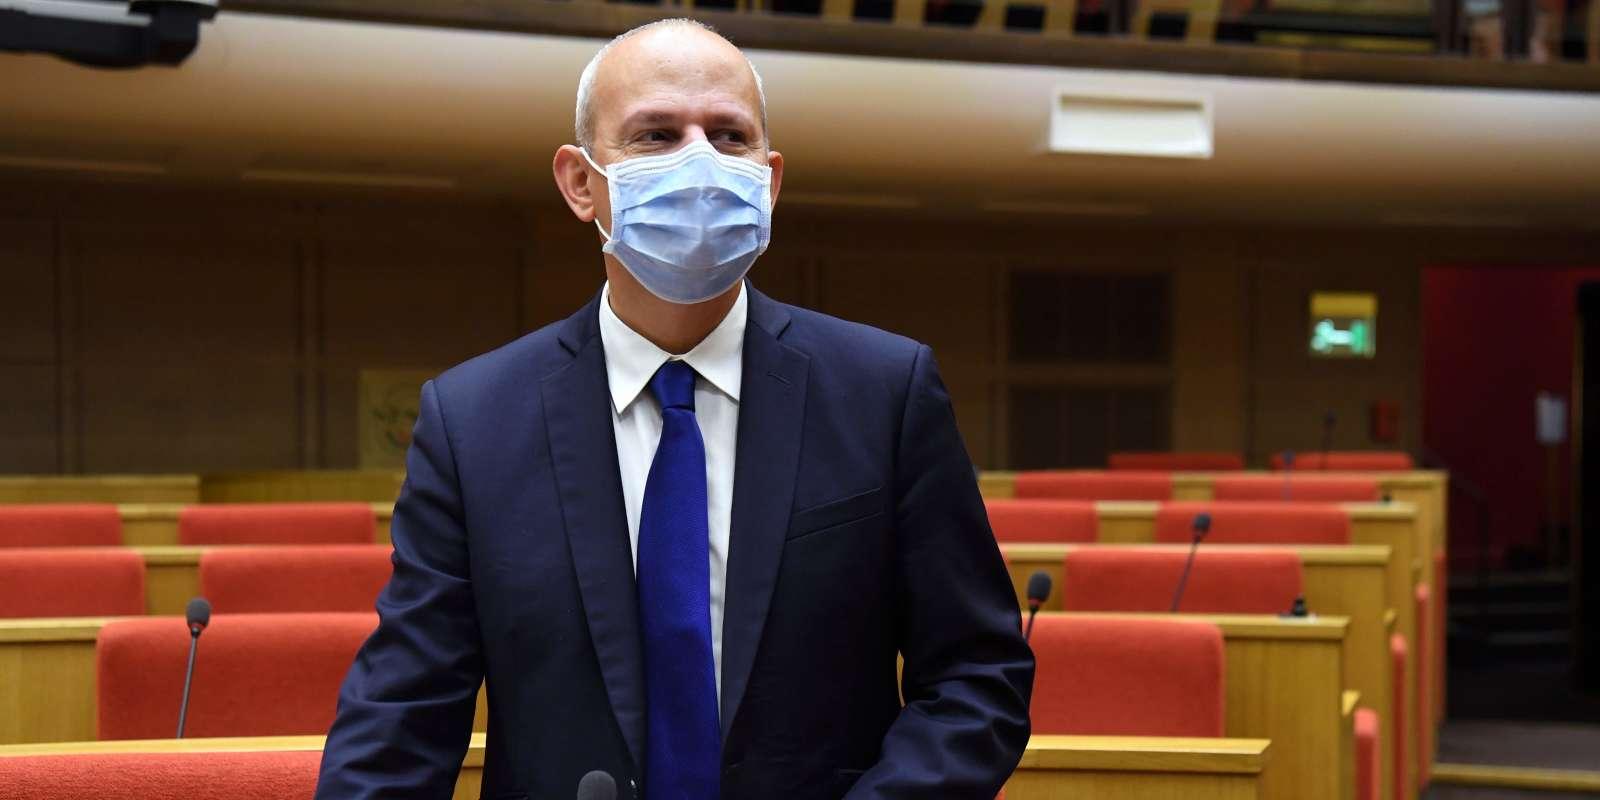 Le directeur général de la santé est entendu, à partir de 14h30, par les membres de la commission d'enquête chargée d'analyser la stratégie de l'Etat pour lutter contre l'épidémie.